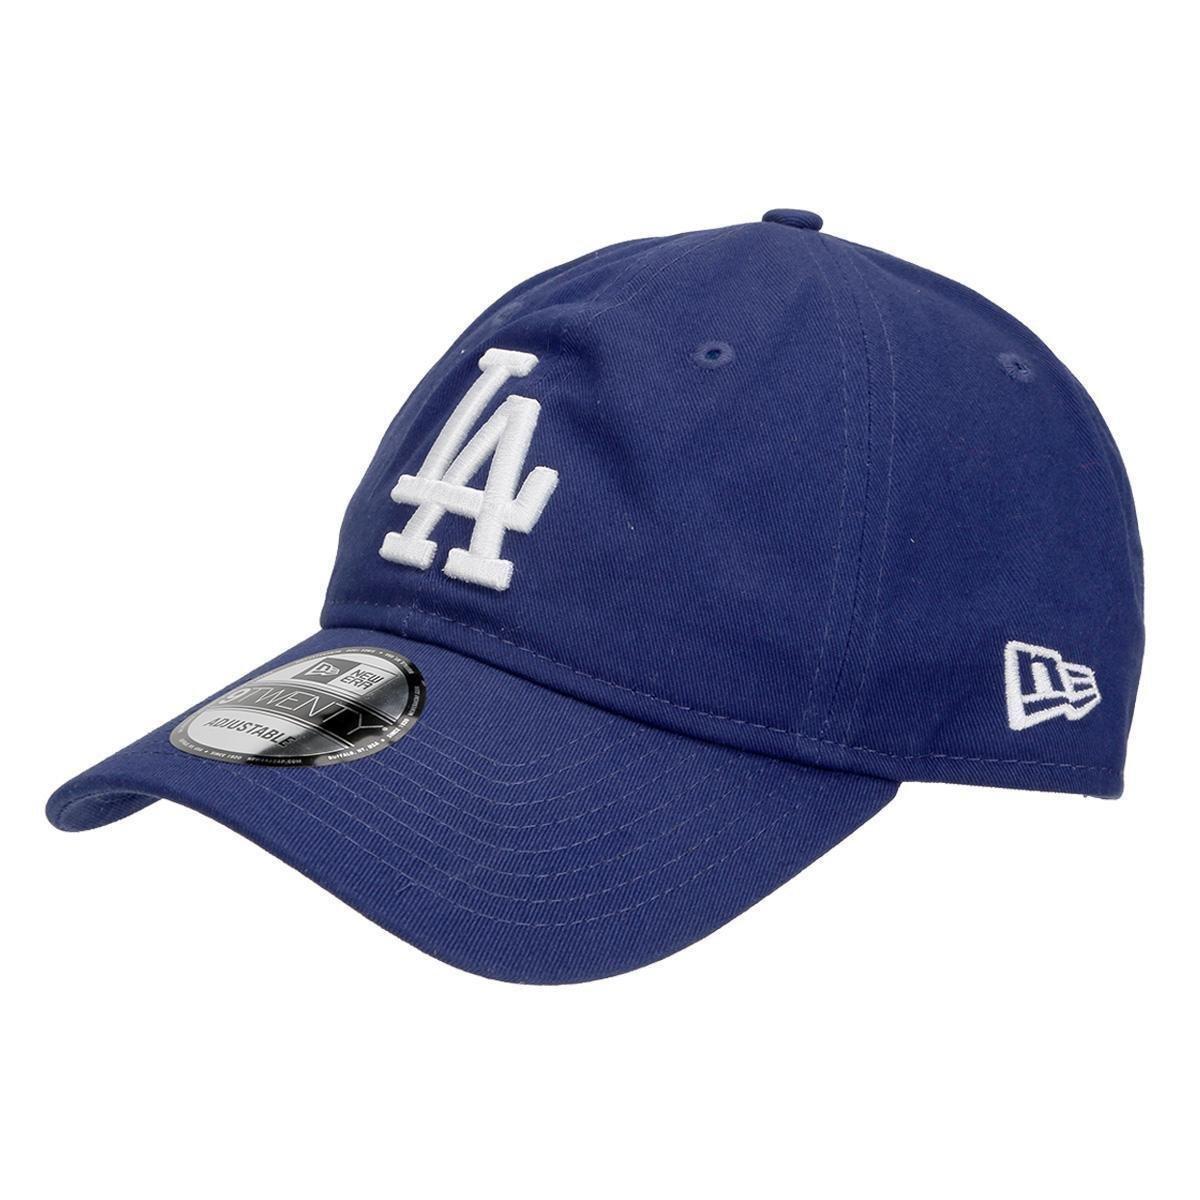 Boné New Era MLB 920 St Basic Team Color Los Angeles Dodgers - Compre Agora   e31e1b8850b